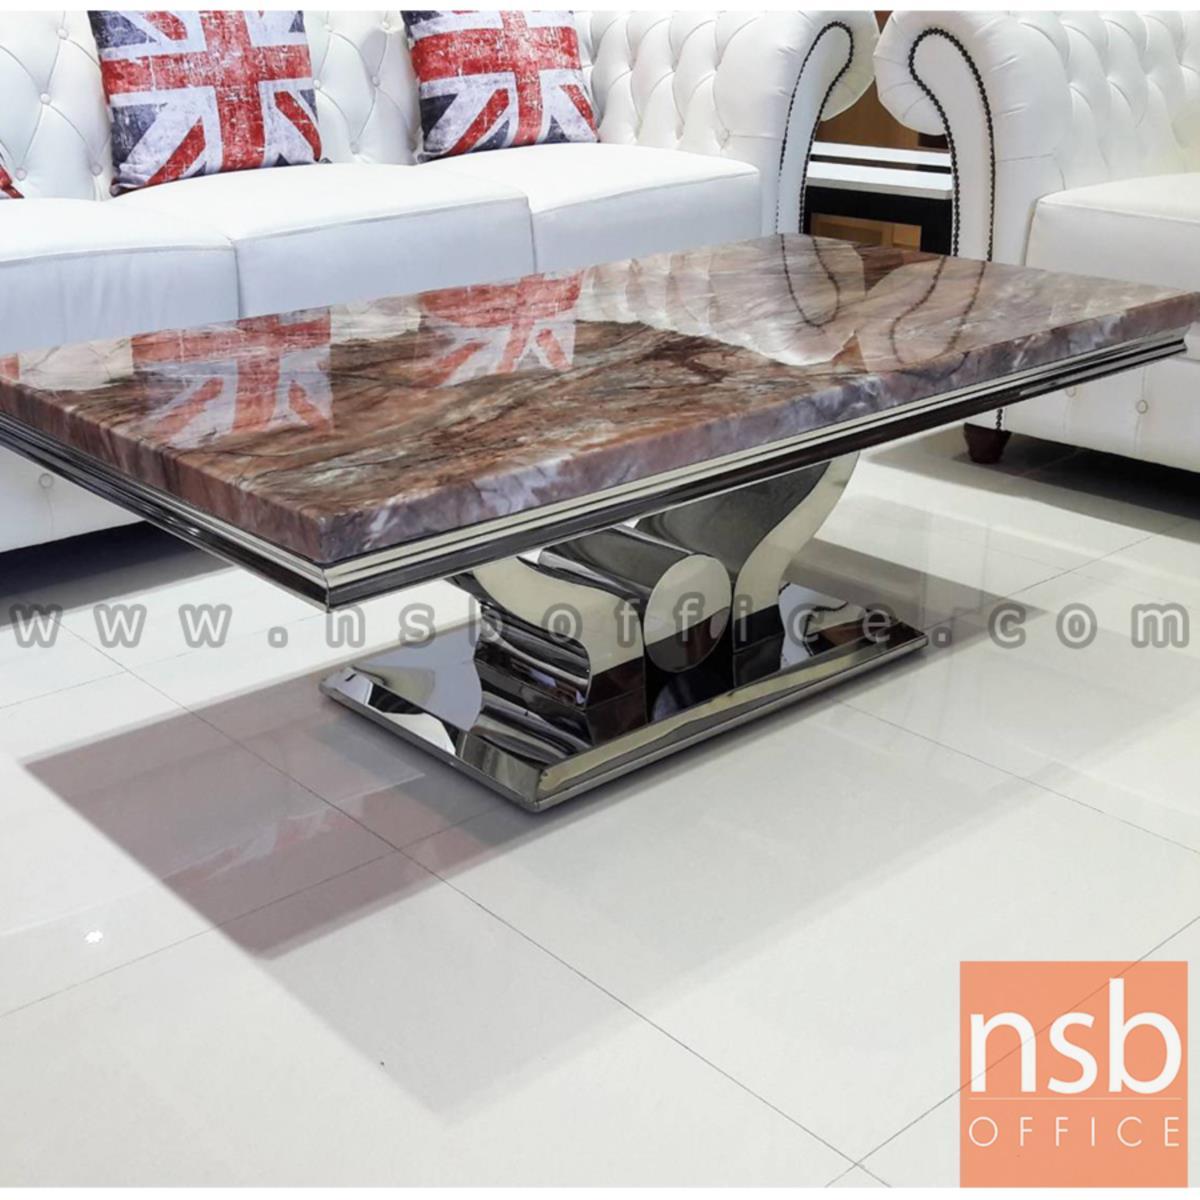 โต๊ะกลางหินอ่อน รุ่น Nash (แนช) ขนาด 130W cm. ขาโลหะมันเงา